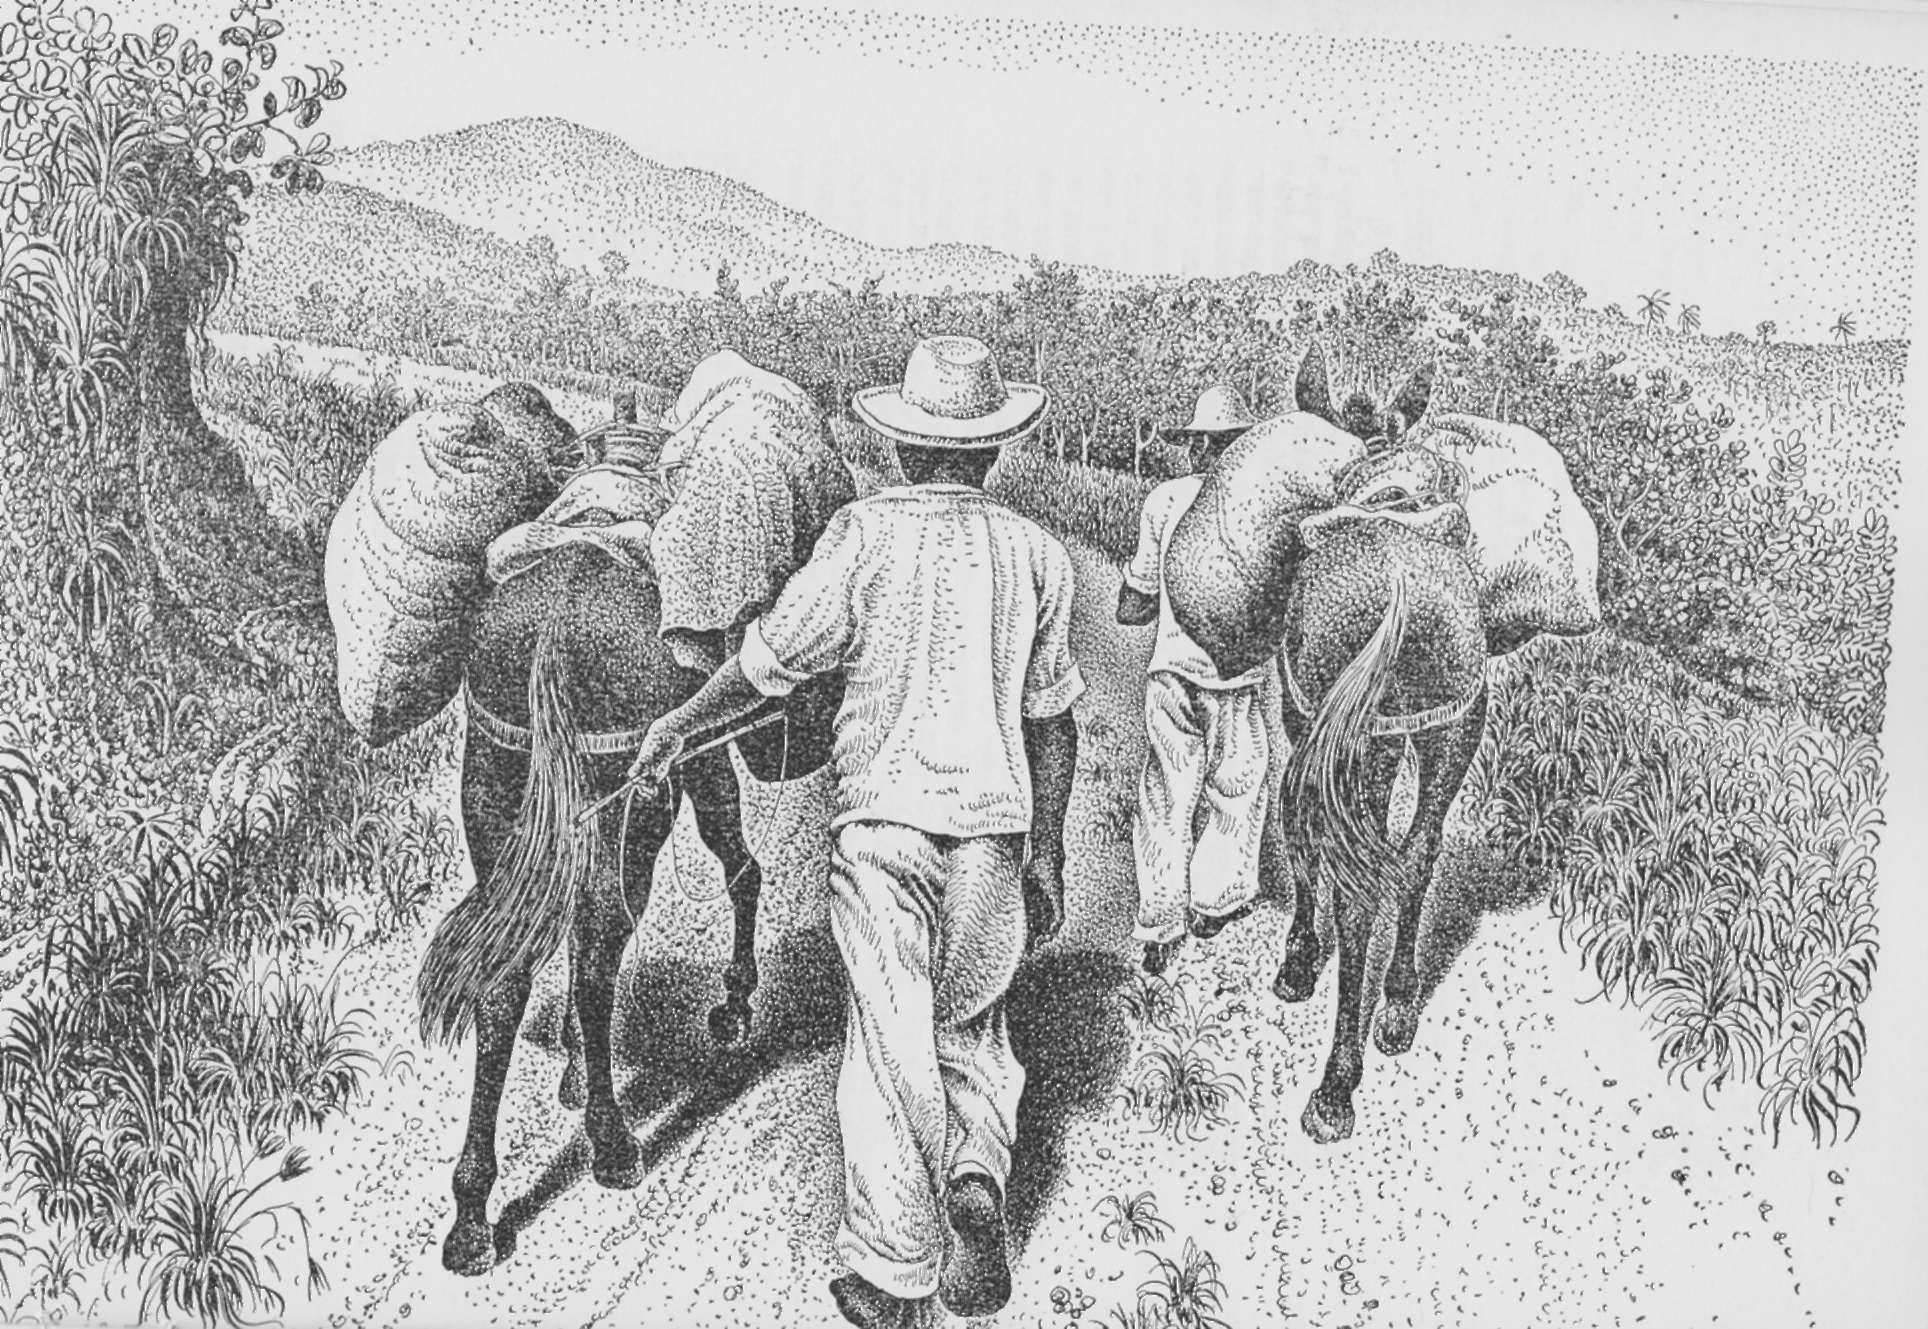 Ilustração de Percy Lau sobre a obra Brazilien de Peter Fuss.